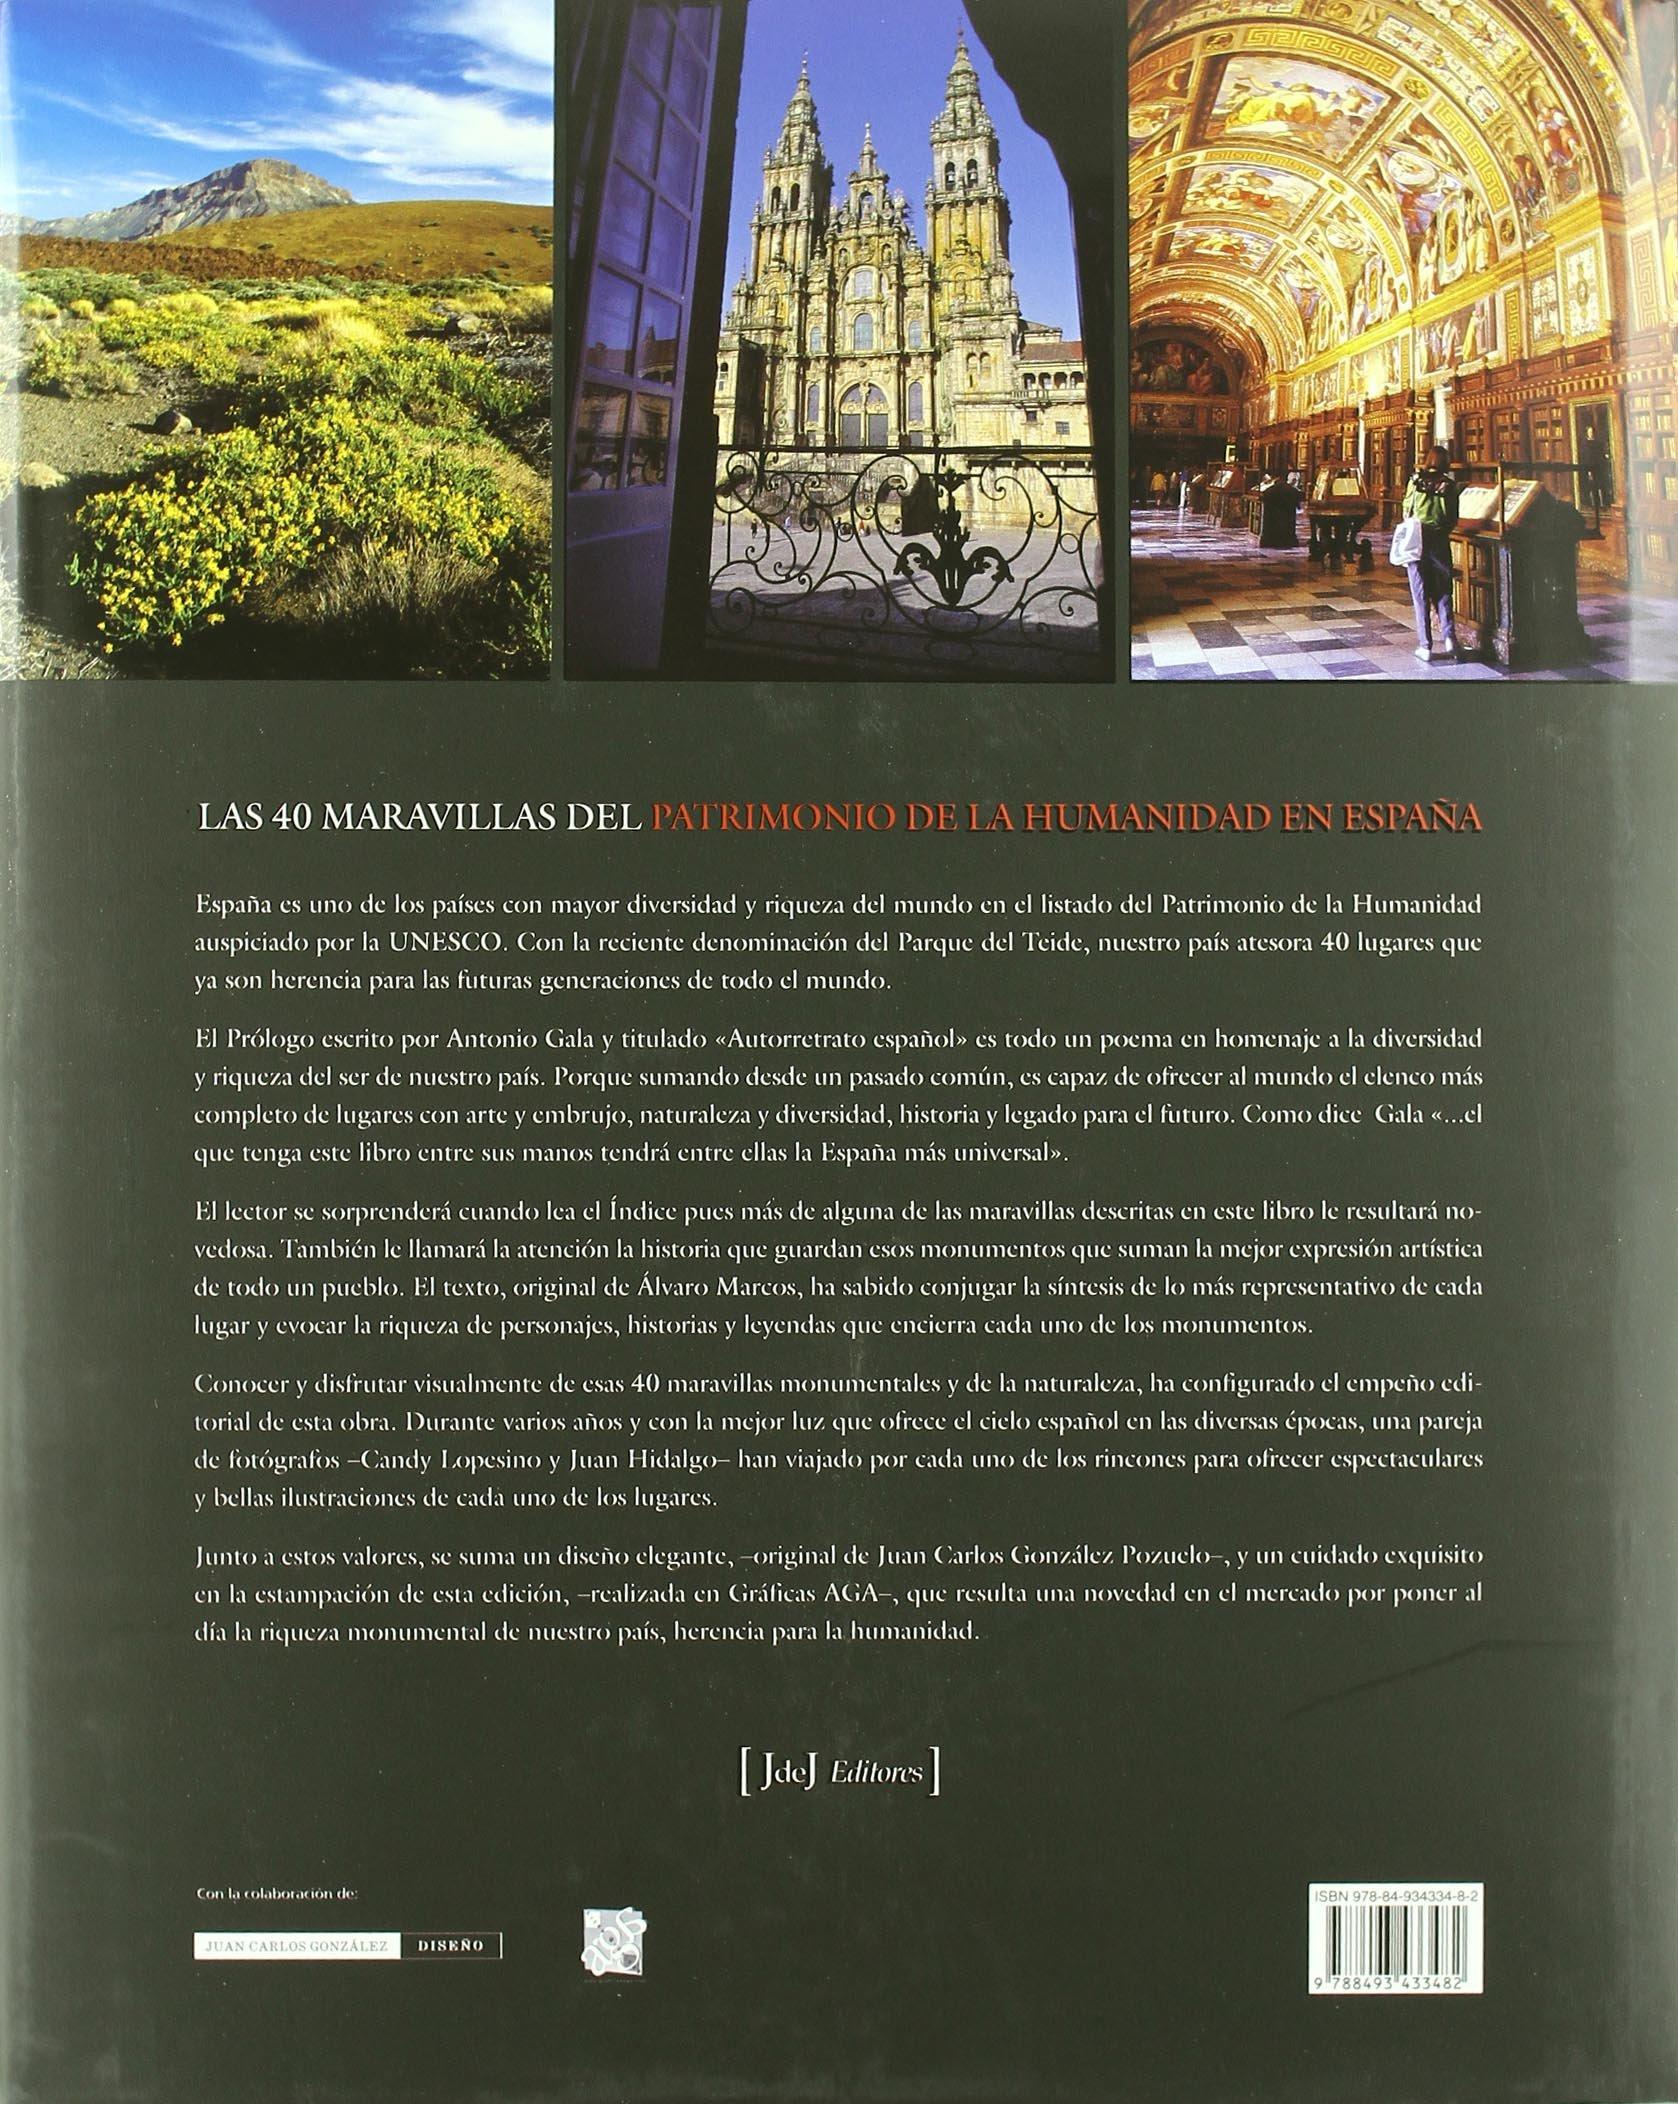 40 maravillas del patrimonio de la humanidad en España: Amazon.es: Gala, Antonio: Libros